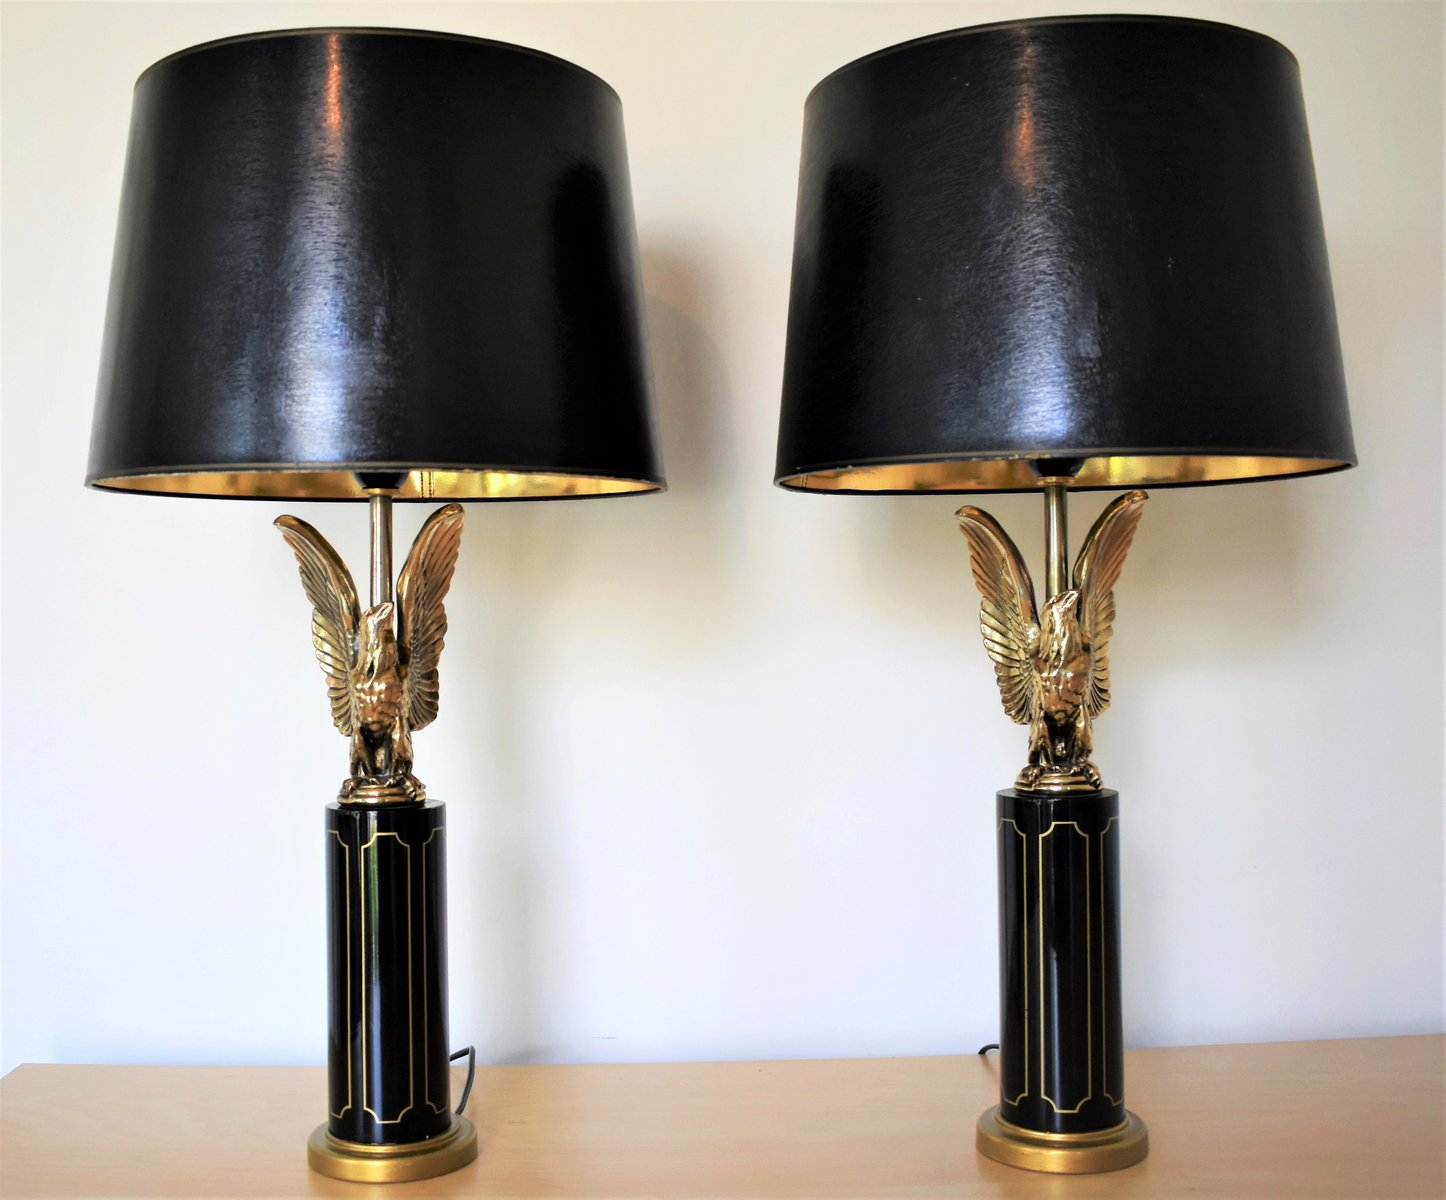 Vintage Hollywood Regency Adler Tischlampen, 2er Set